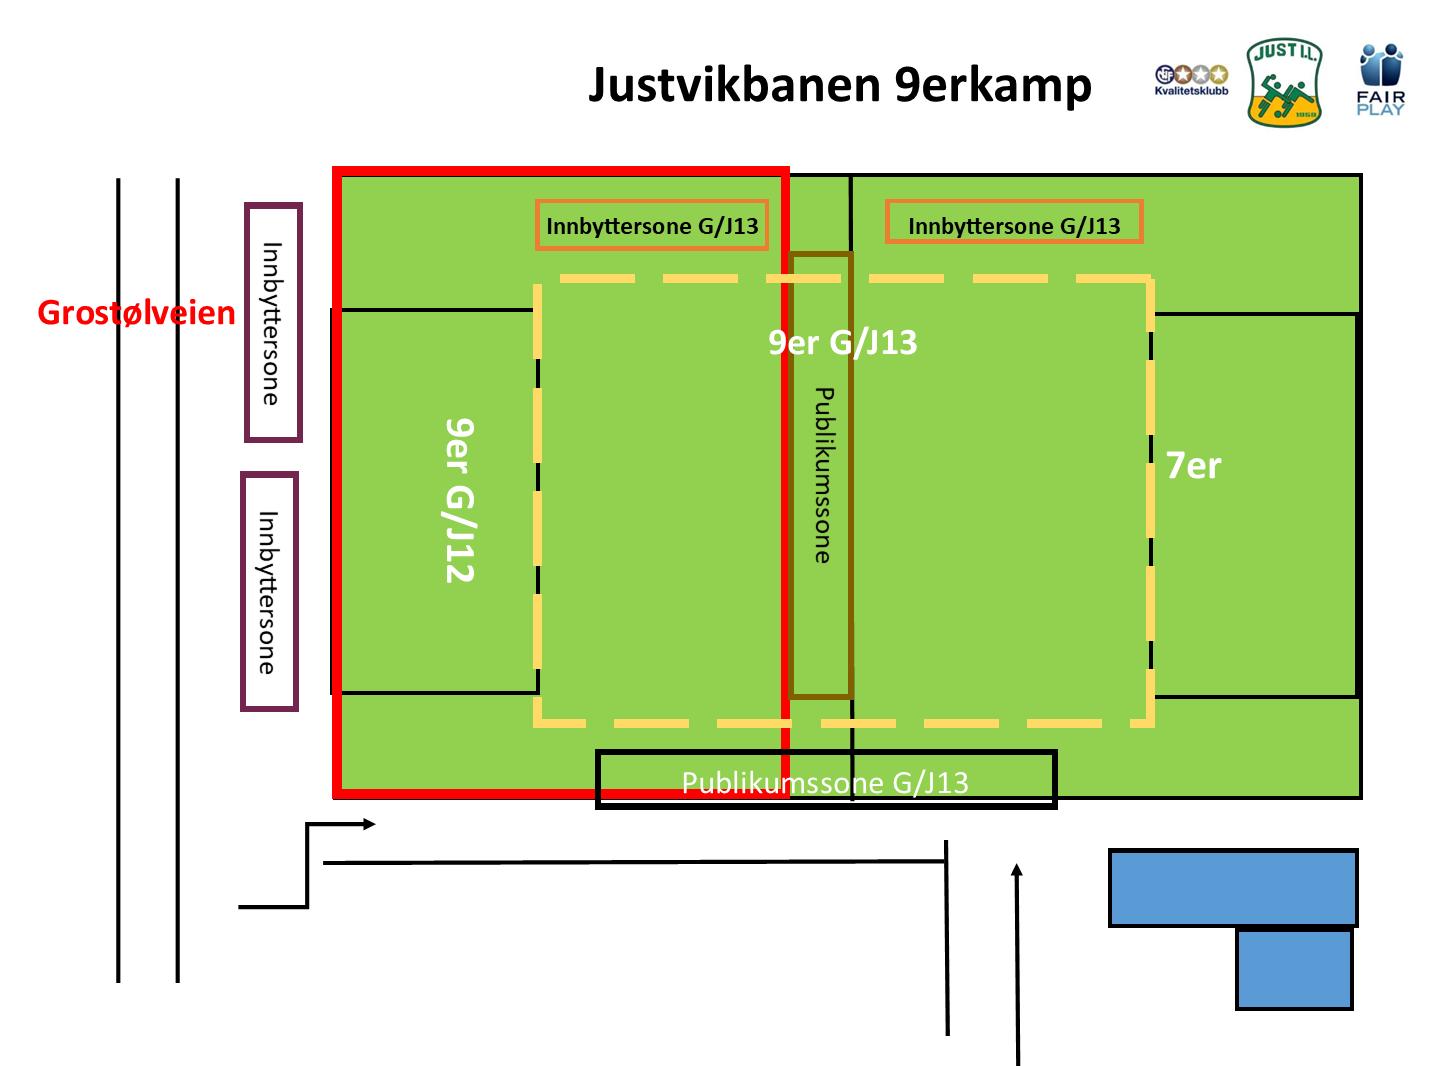 Baneinndeling Justvikbanen 9erkamper